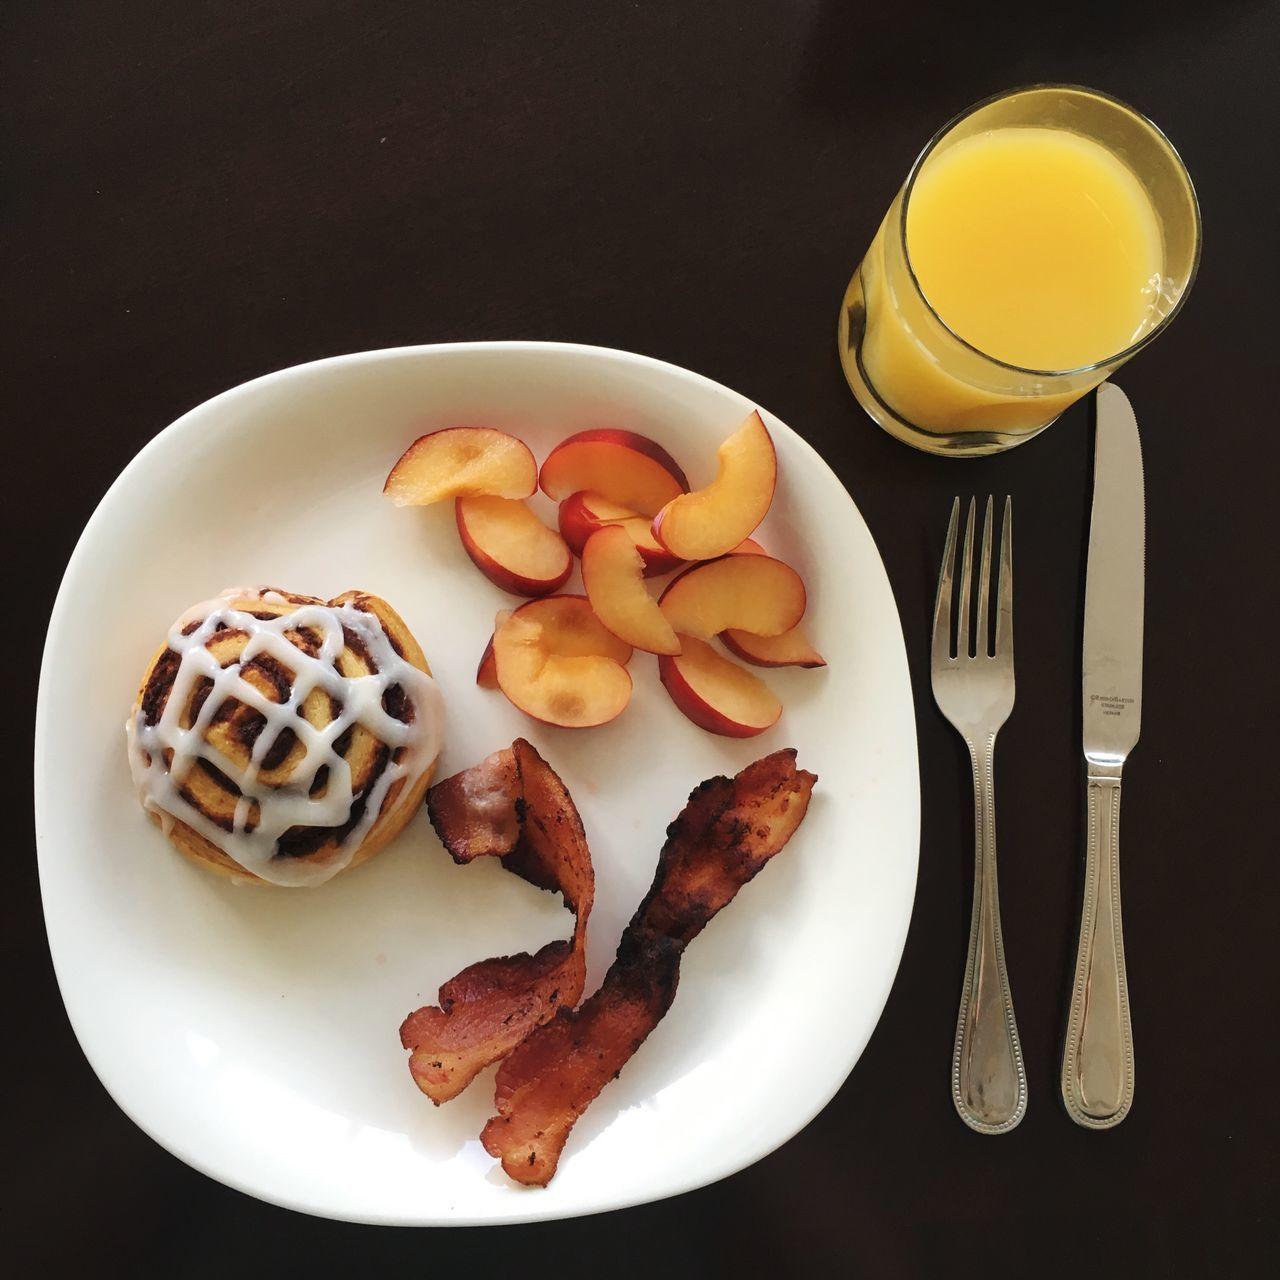 Breakfast Breakfast Breakfast Plate Bacon! Bacons Cinnamon Cinnamon Roll  Orange Juice  Plum Sliced Fruits